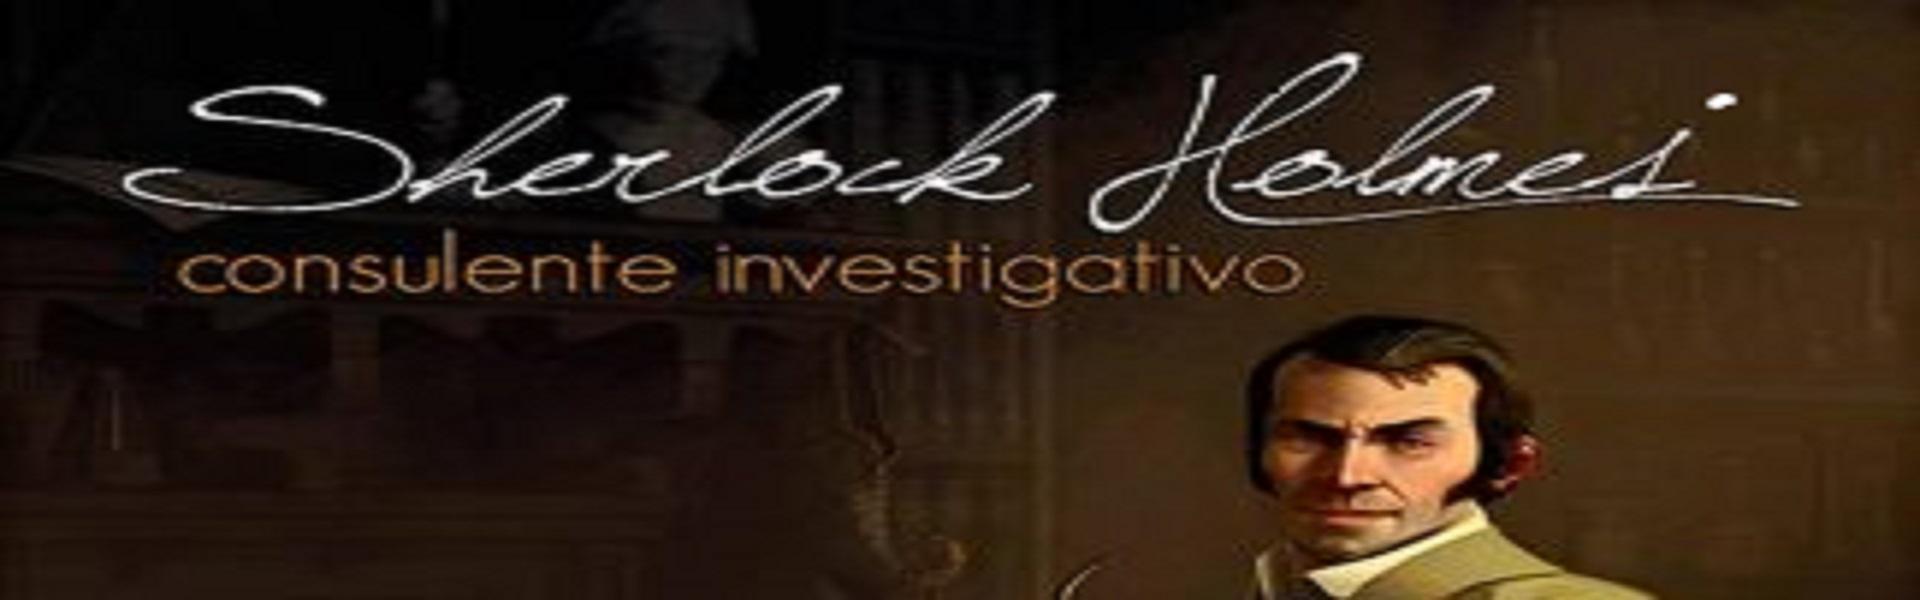 Sherlock Holmes: aiutate il detective